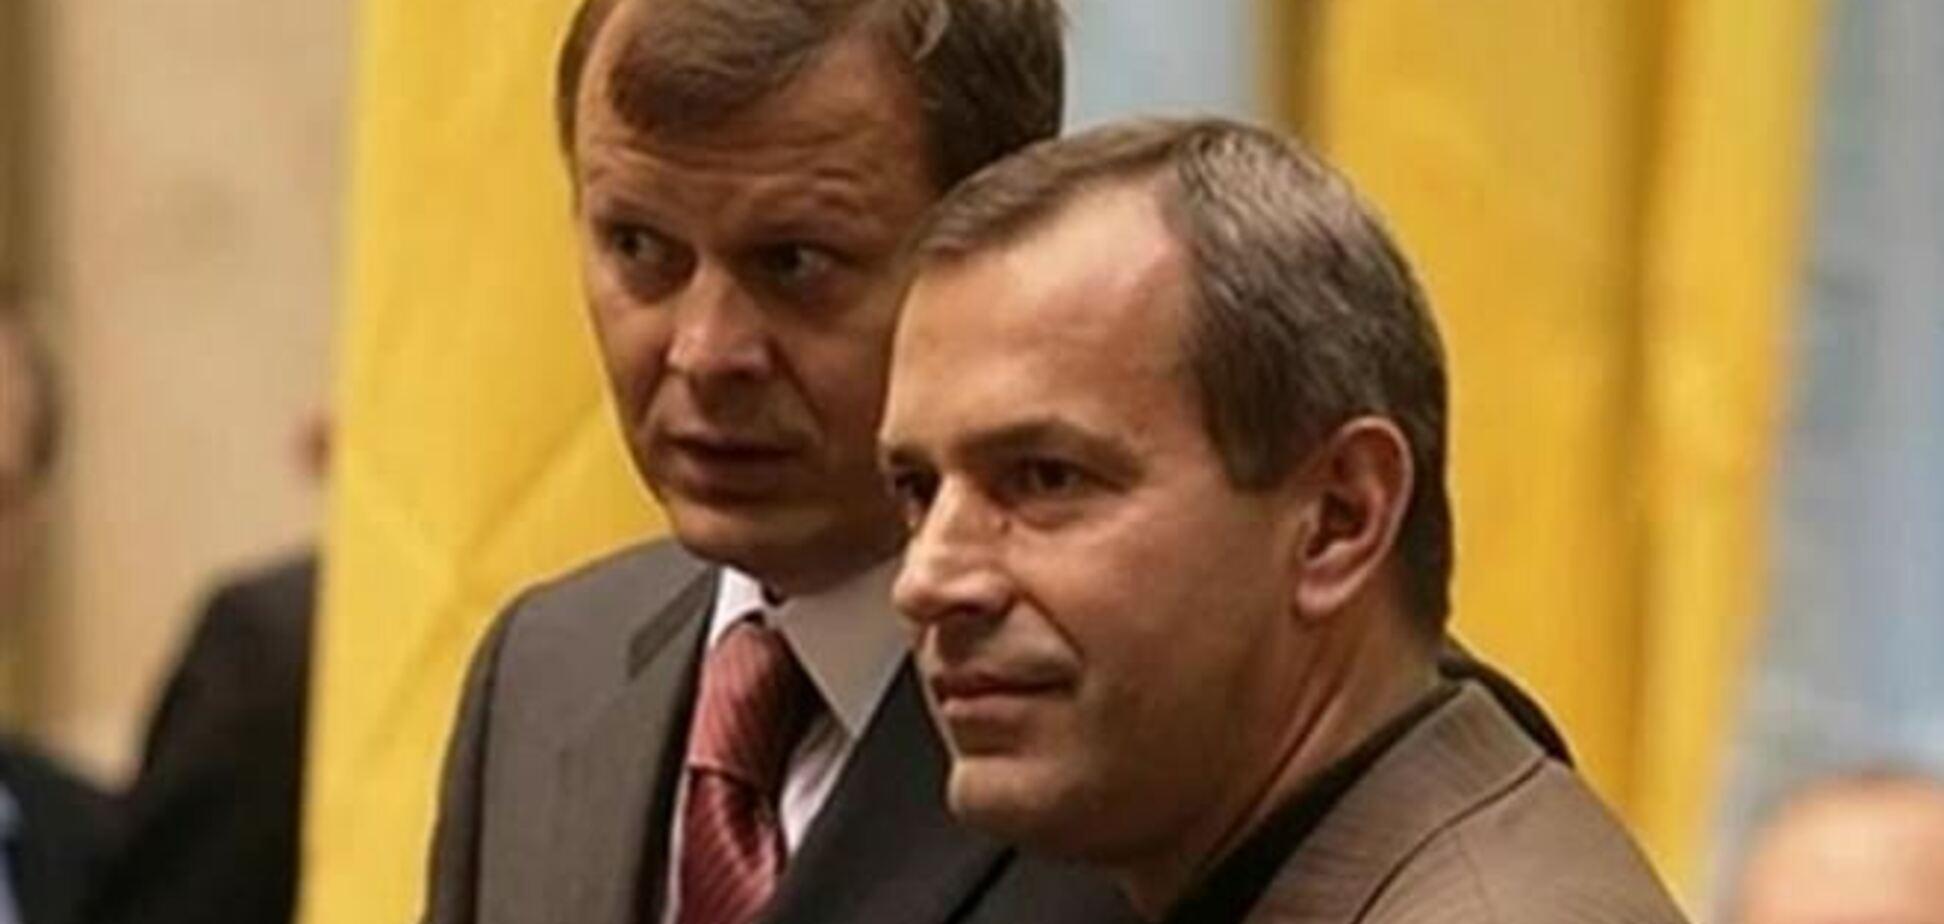 Австрийский бизнес братьев Клюевых заблокирован - журналист